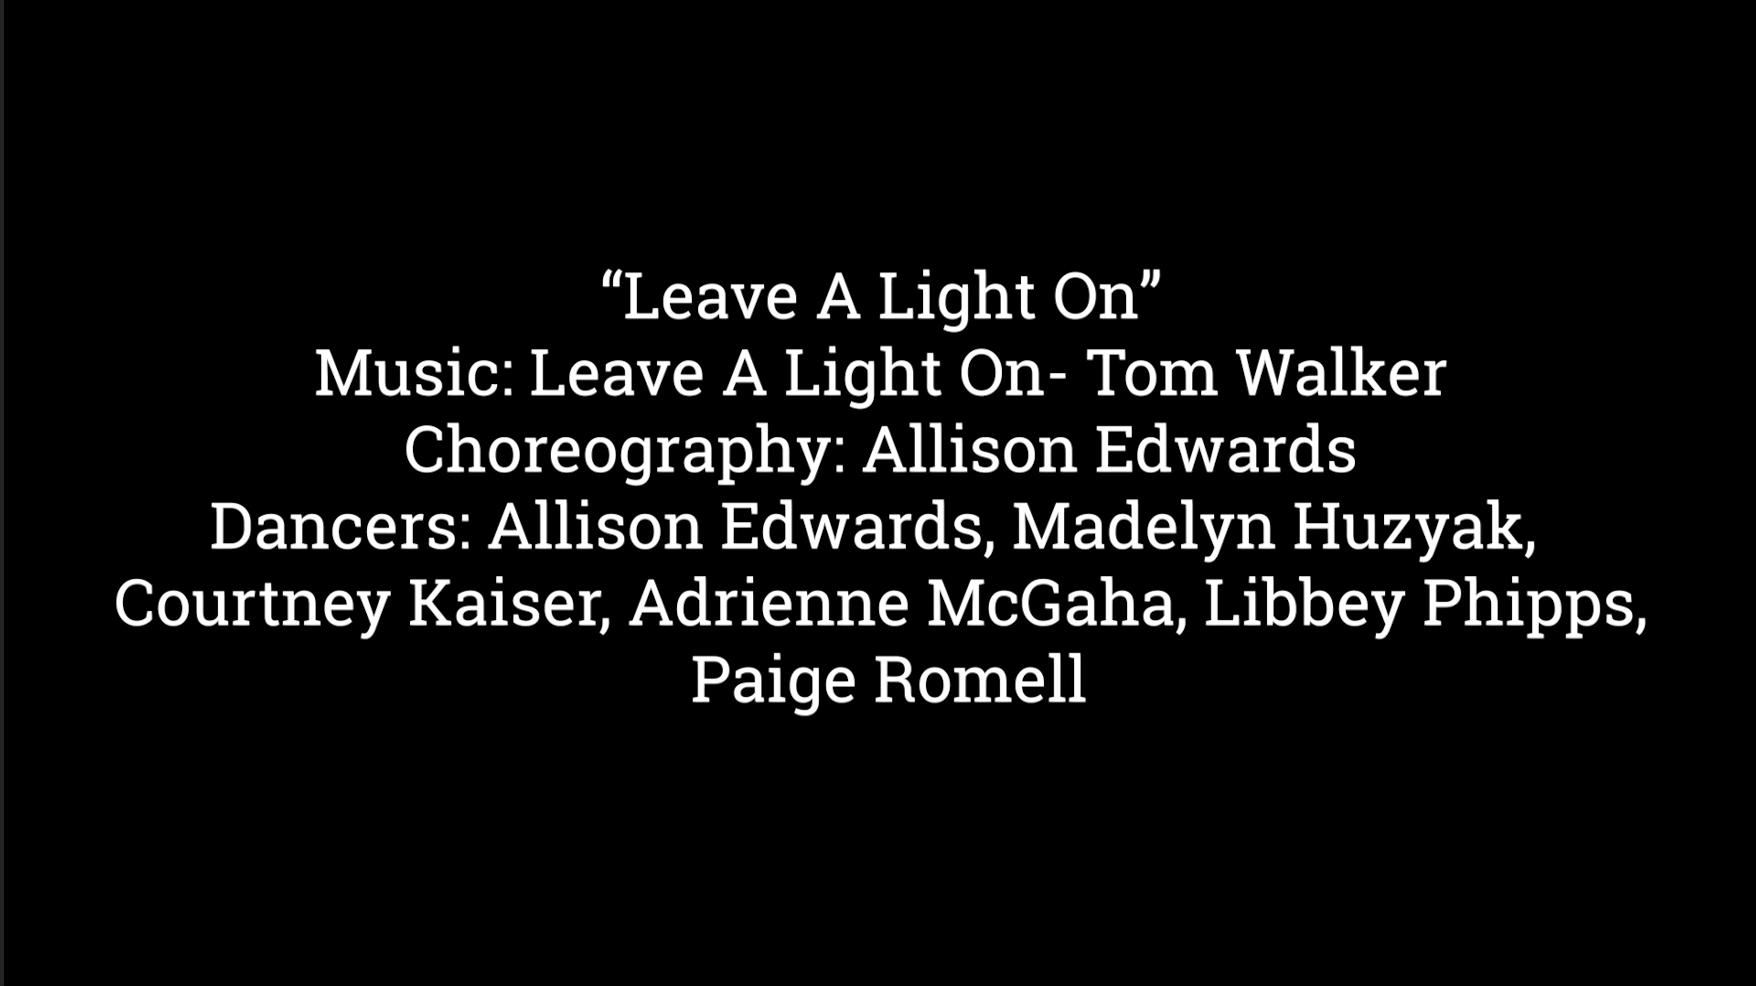 Allison Edwards, Leave A Light On